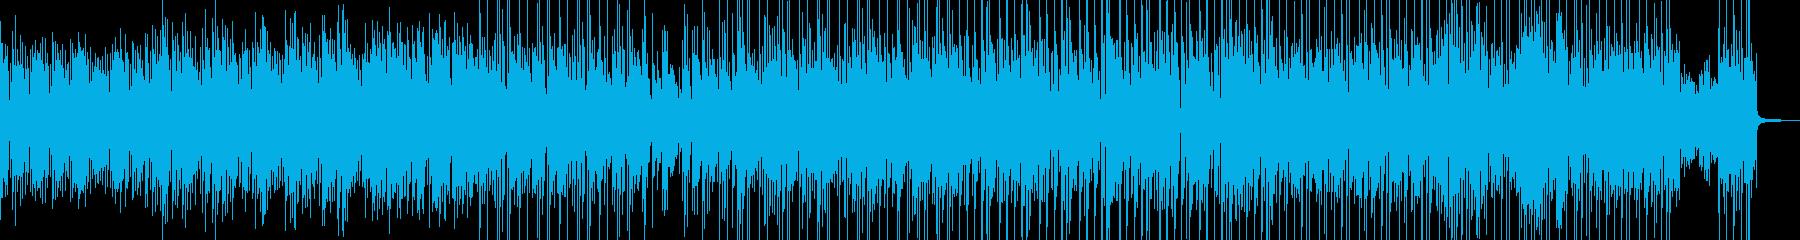 ソフトで優雅なシーンを演出・ラテン Aの再生済みの波形